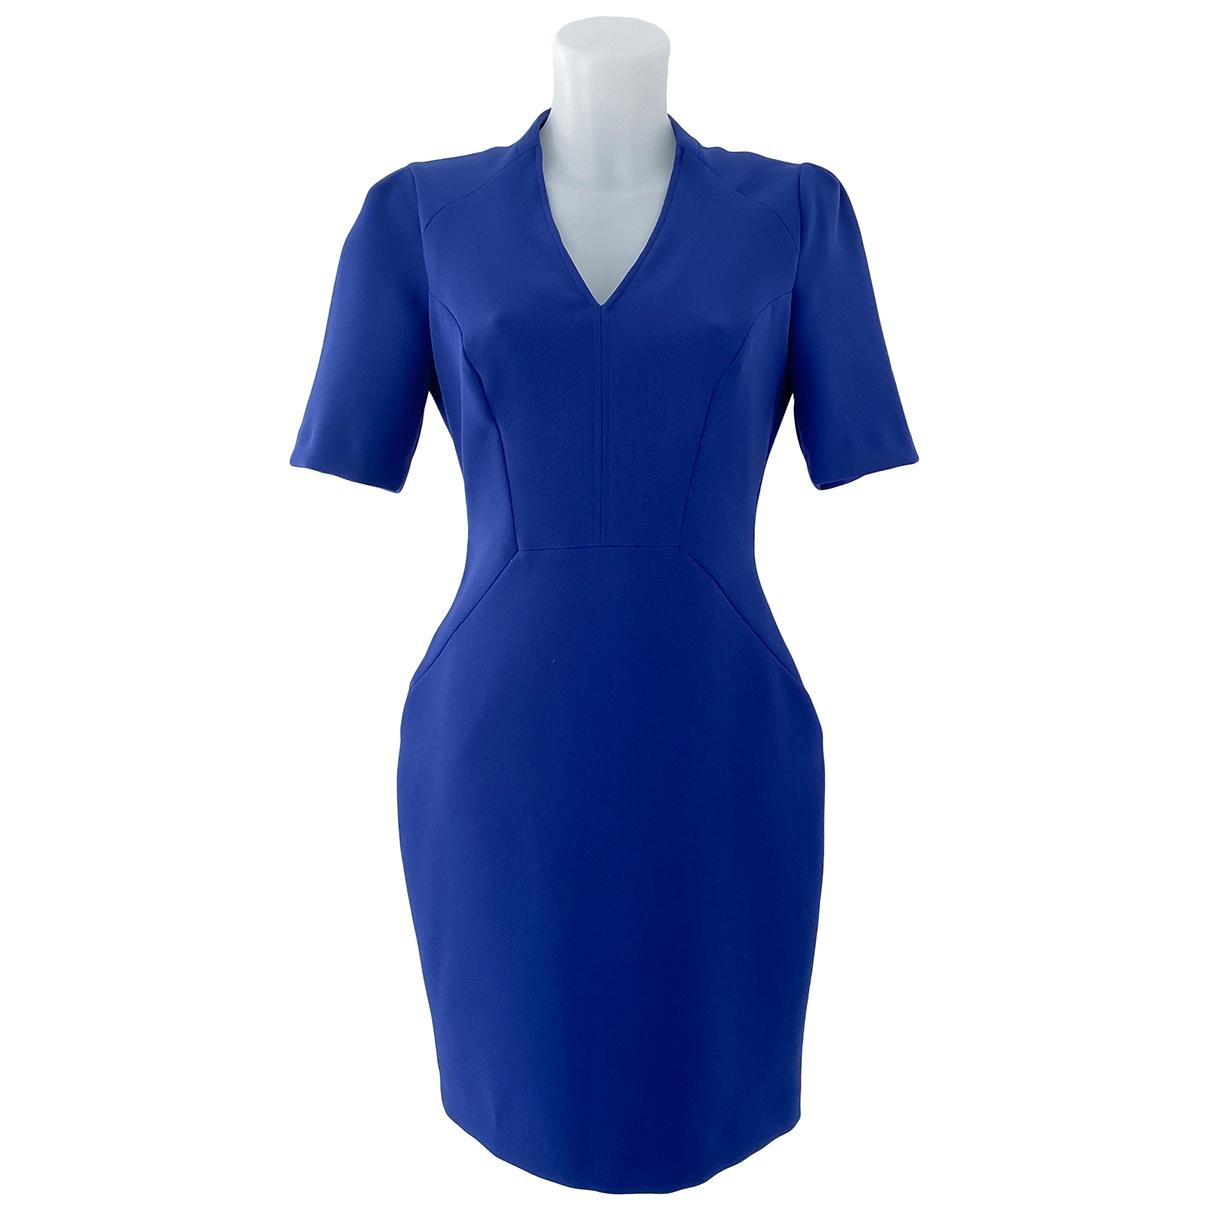 Reiss \N Kleid in  Blau Polyester